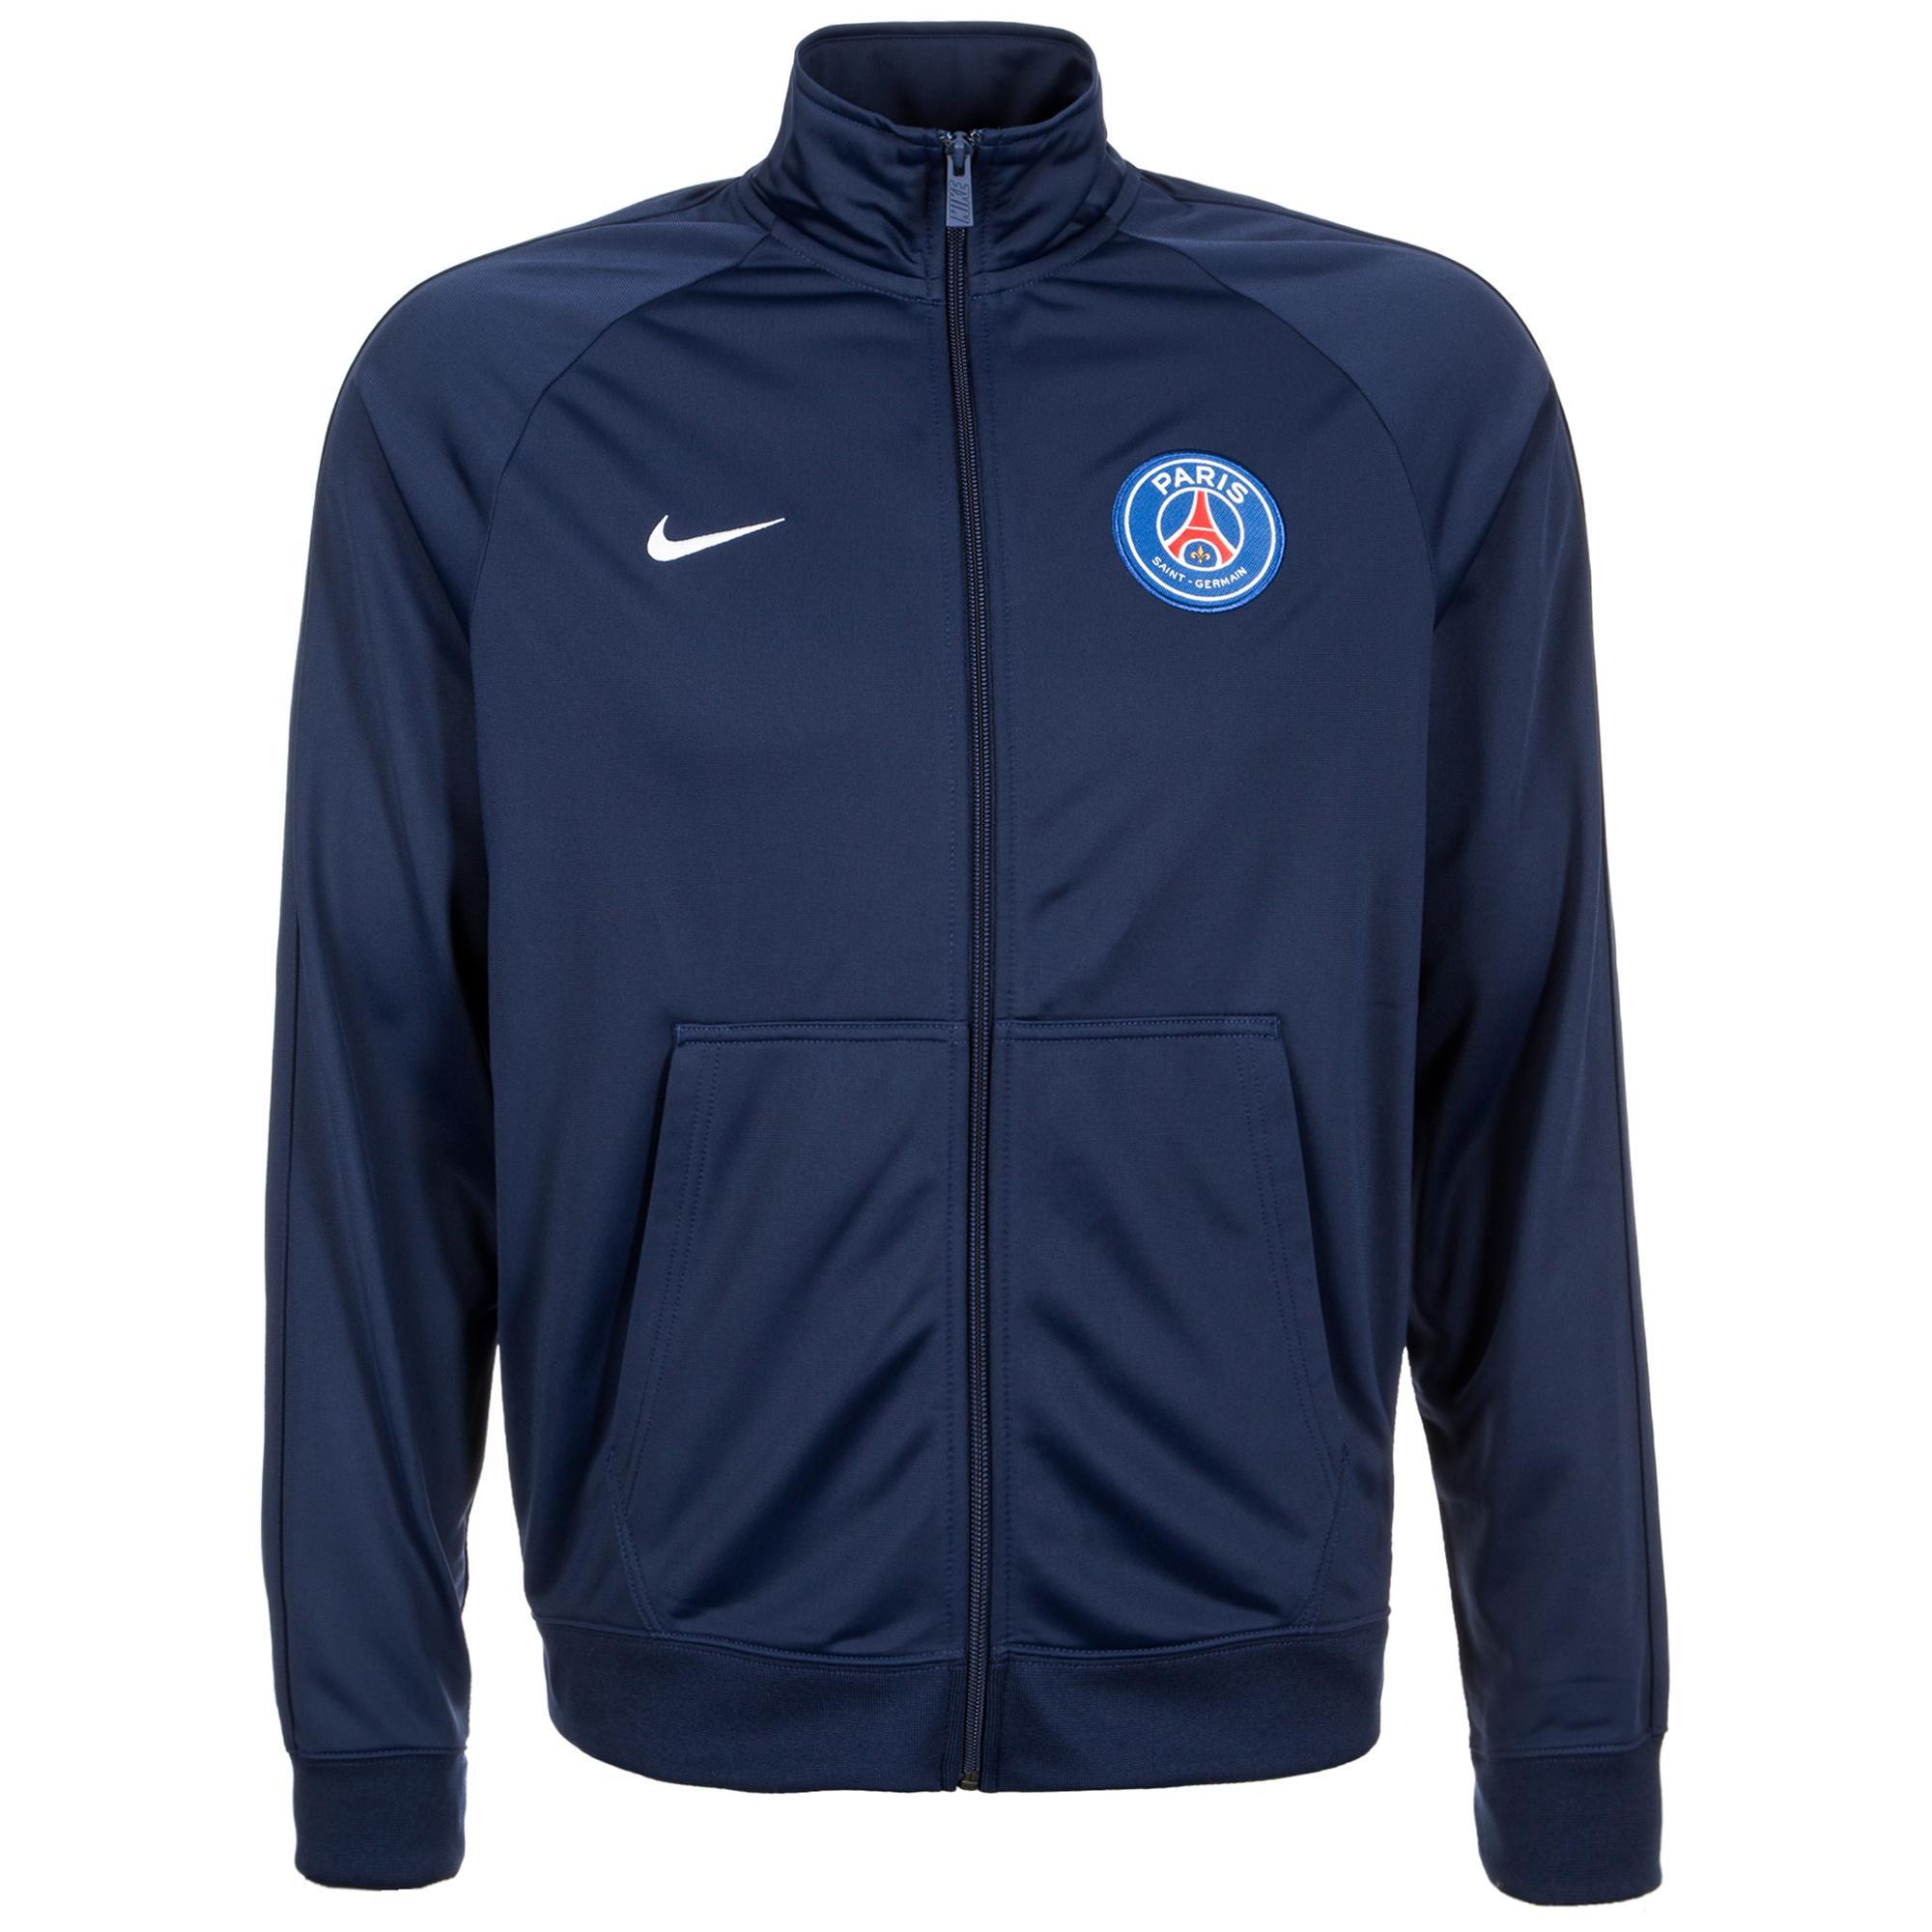 Nike Paris St. Germain Crest Trainingsjacke Herren dunkelblau im Online Shop von SportScheck kaufen